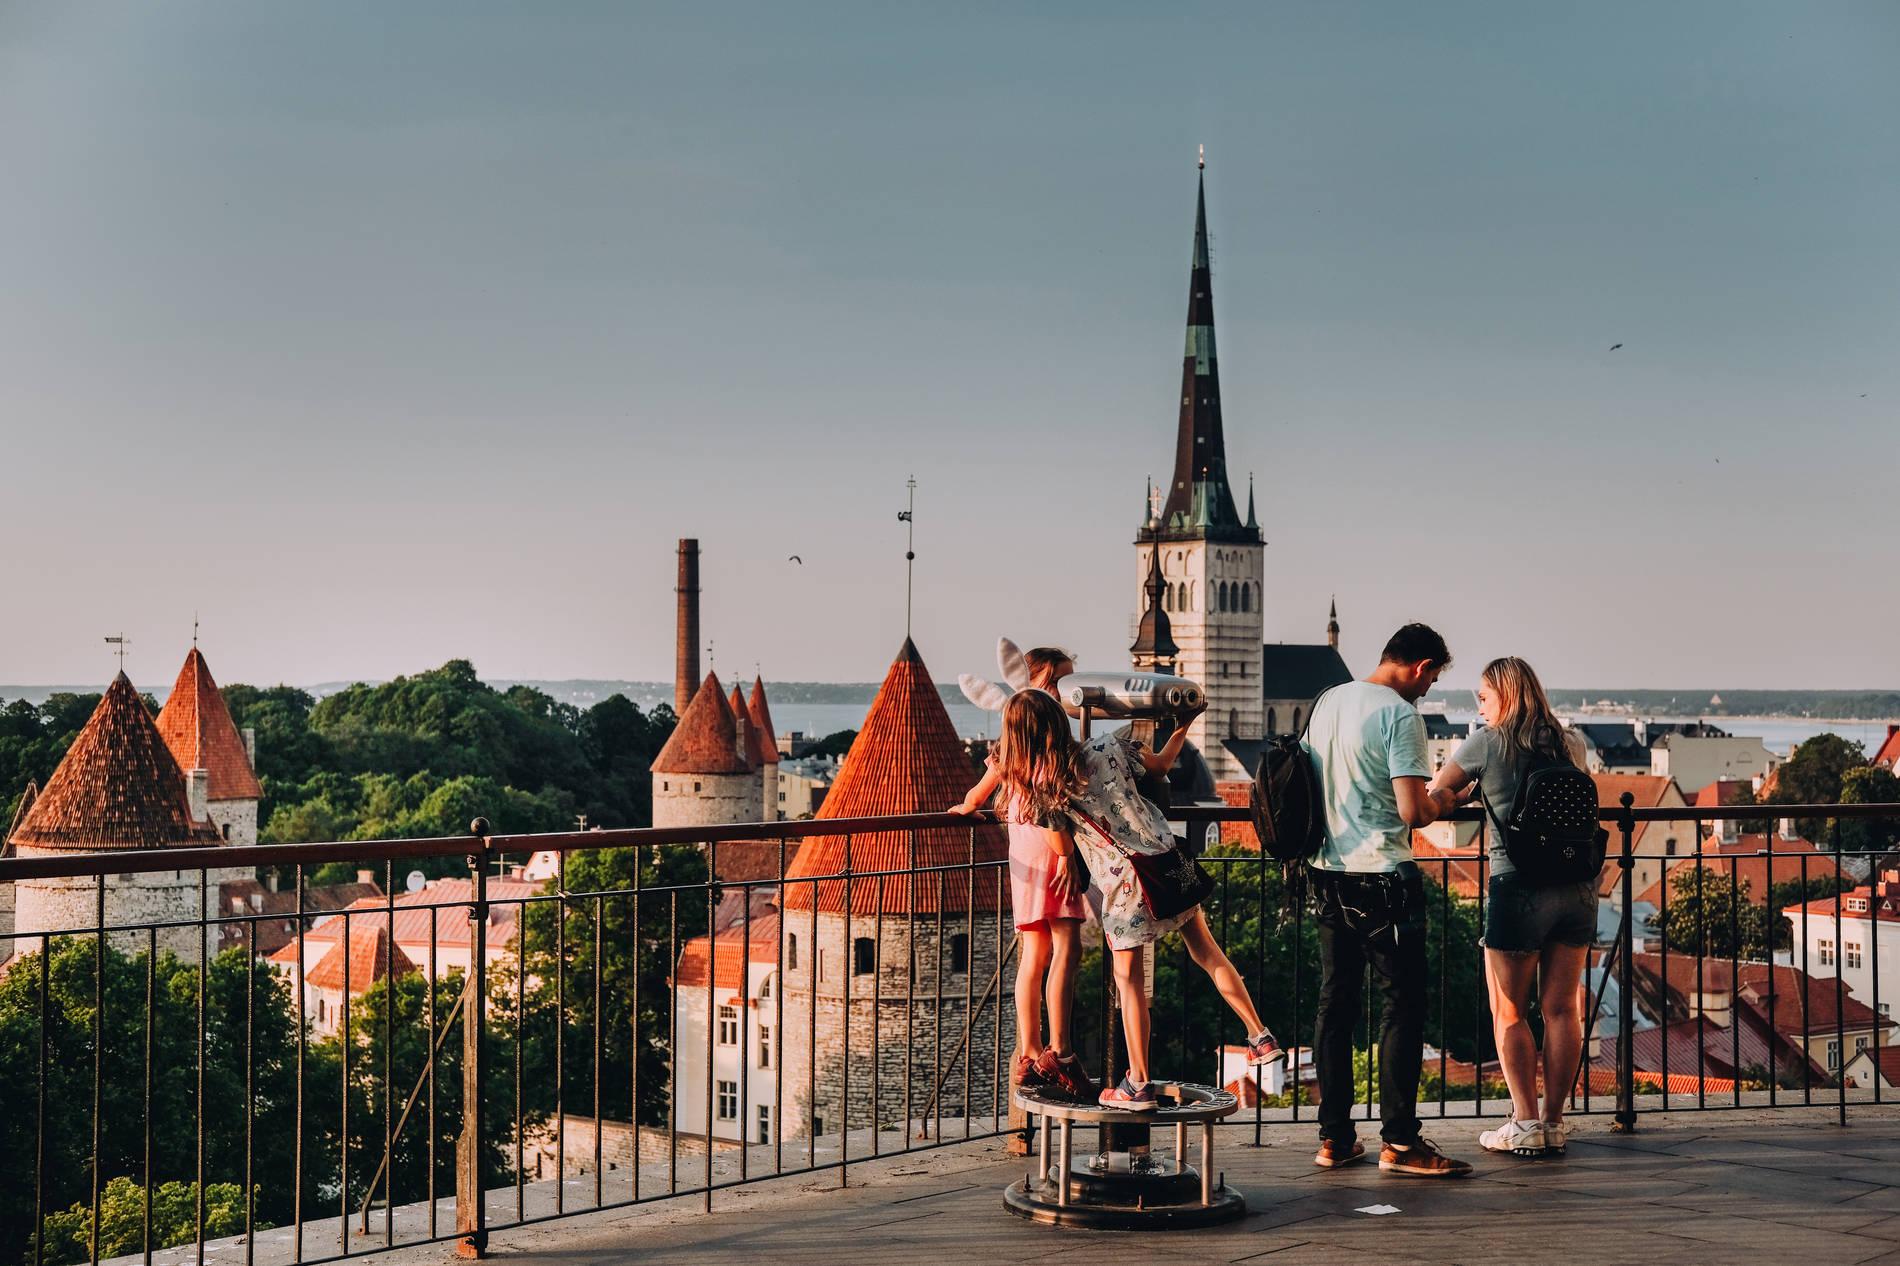 inimesed Patkuli vaateplatvormil Tallinnas Toompeal suveõhtul, taustal linnamüüri tornid ja Oleviste kirik